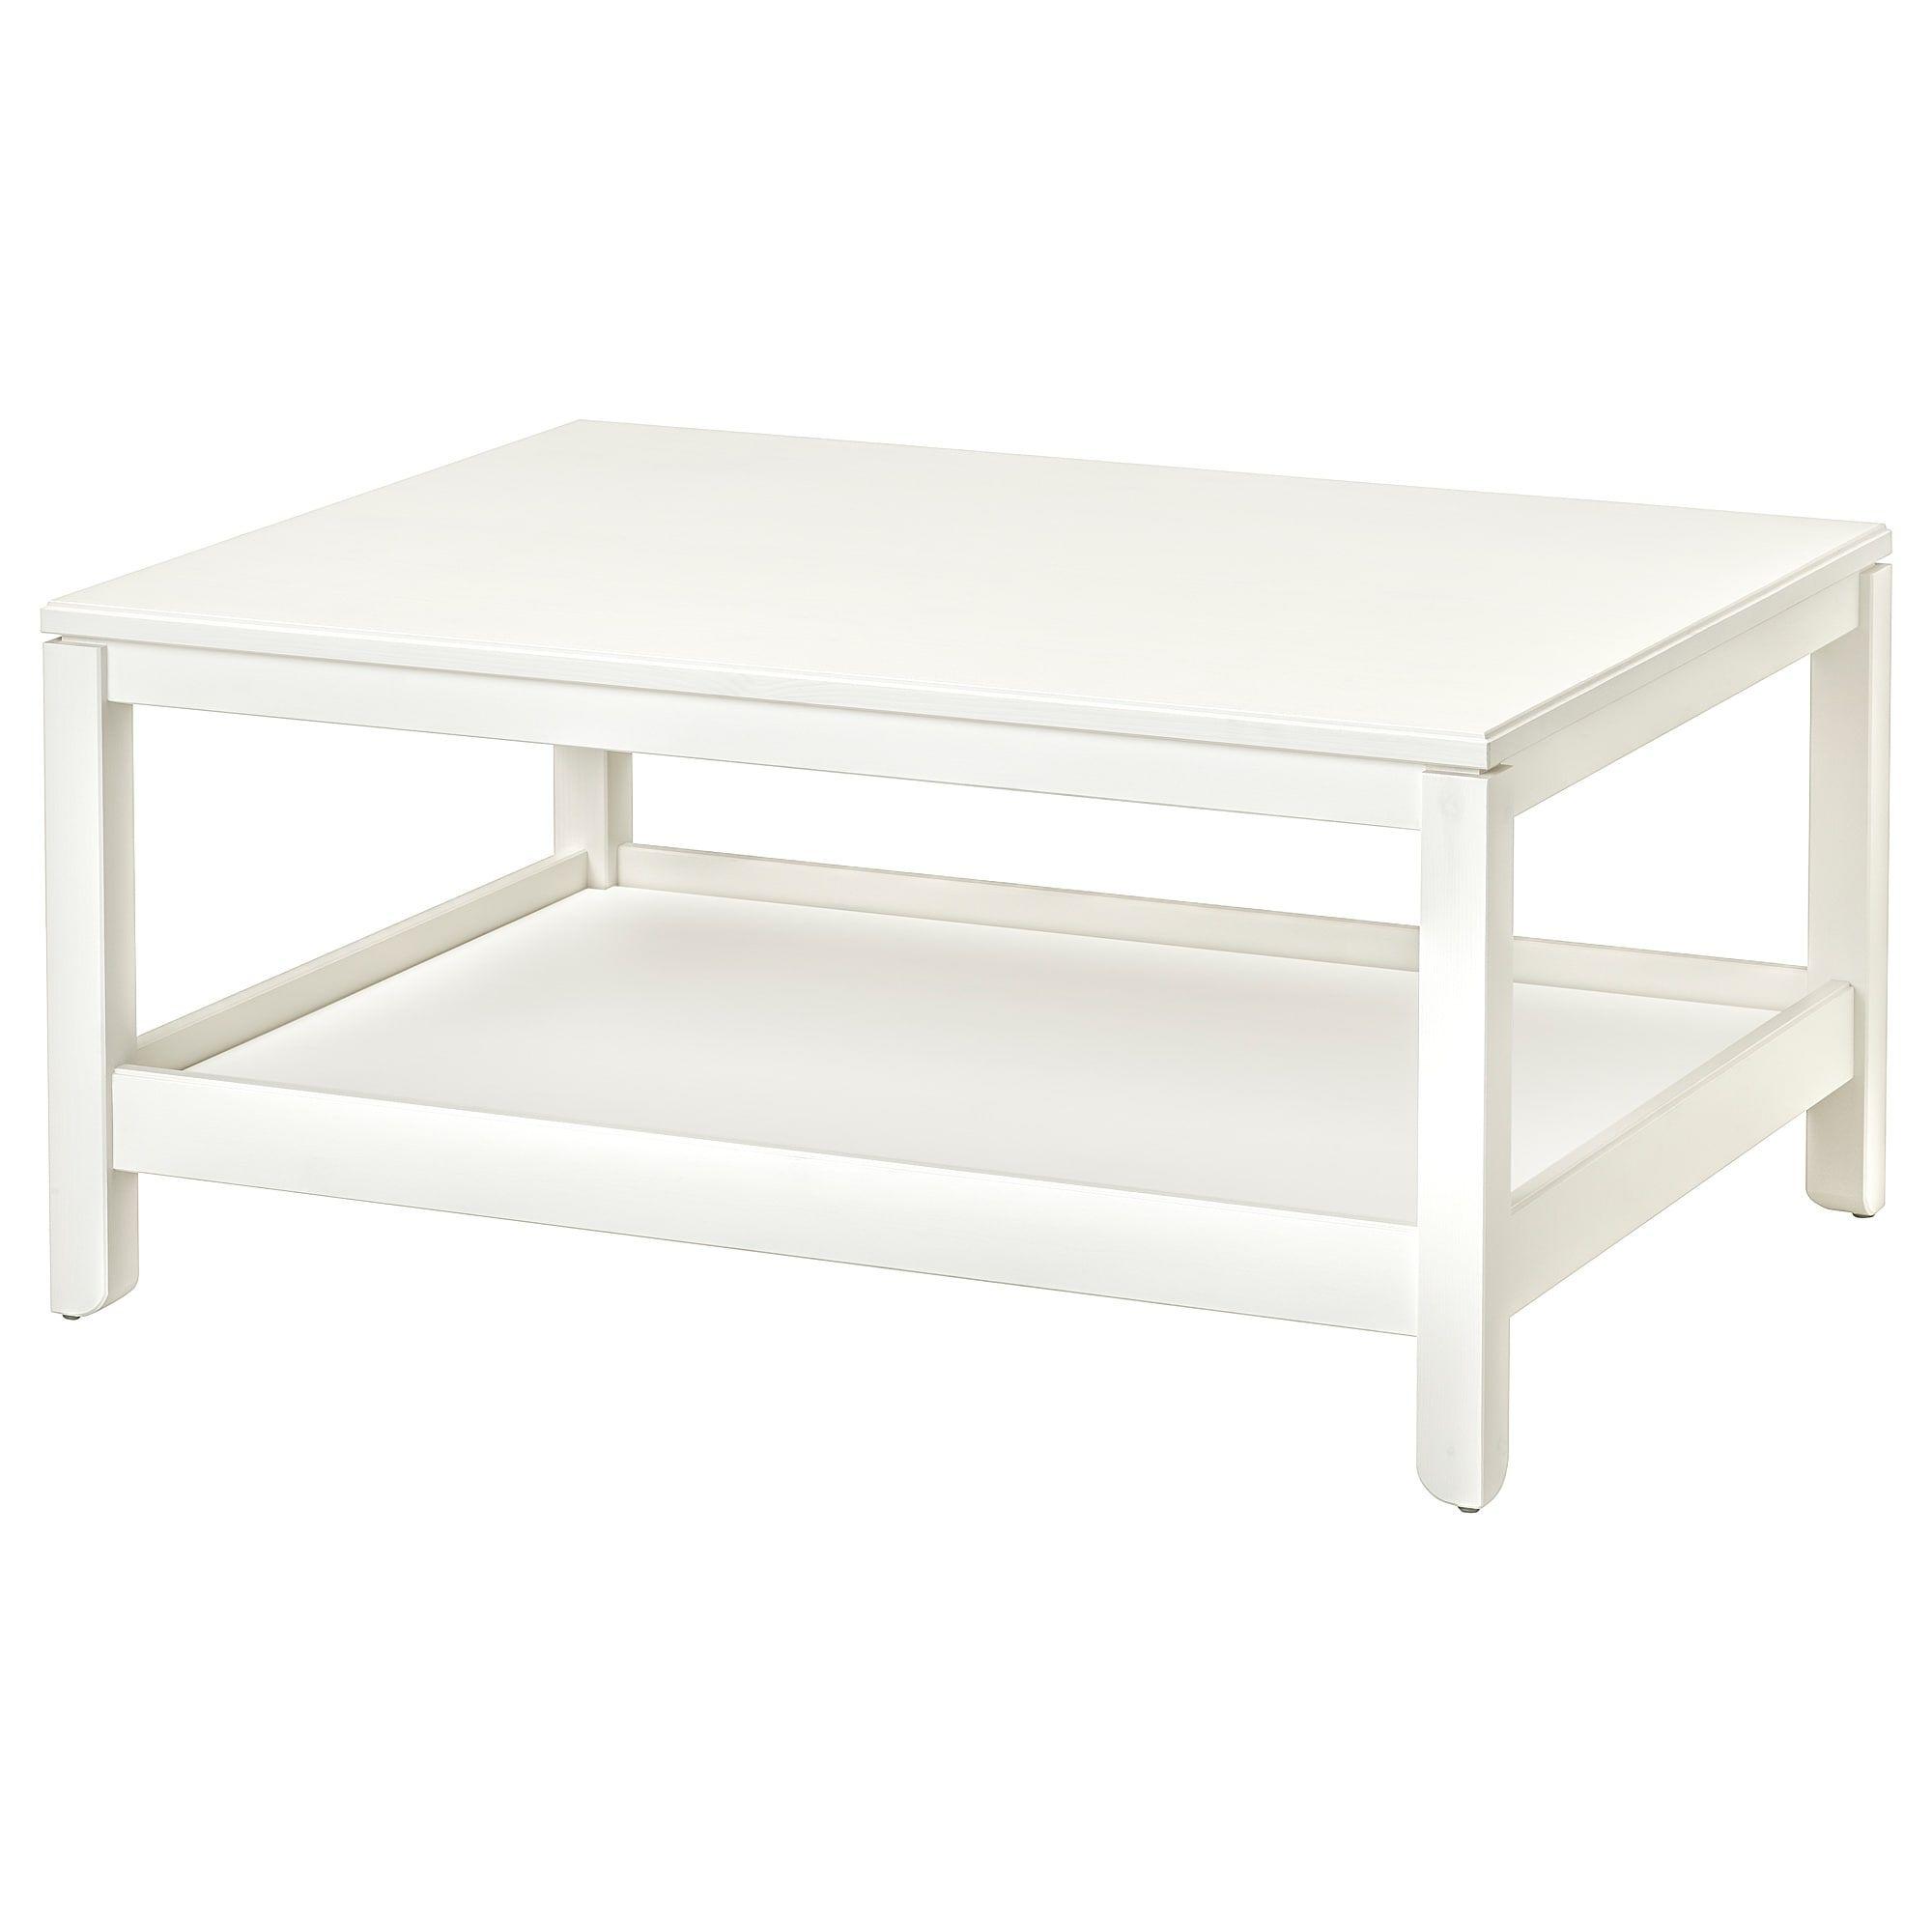 Havsta Couchtisch Weiss Wohnzimmertische Ikea Couchtisch Weiss